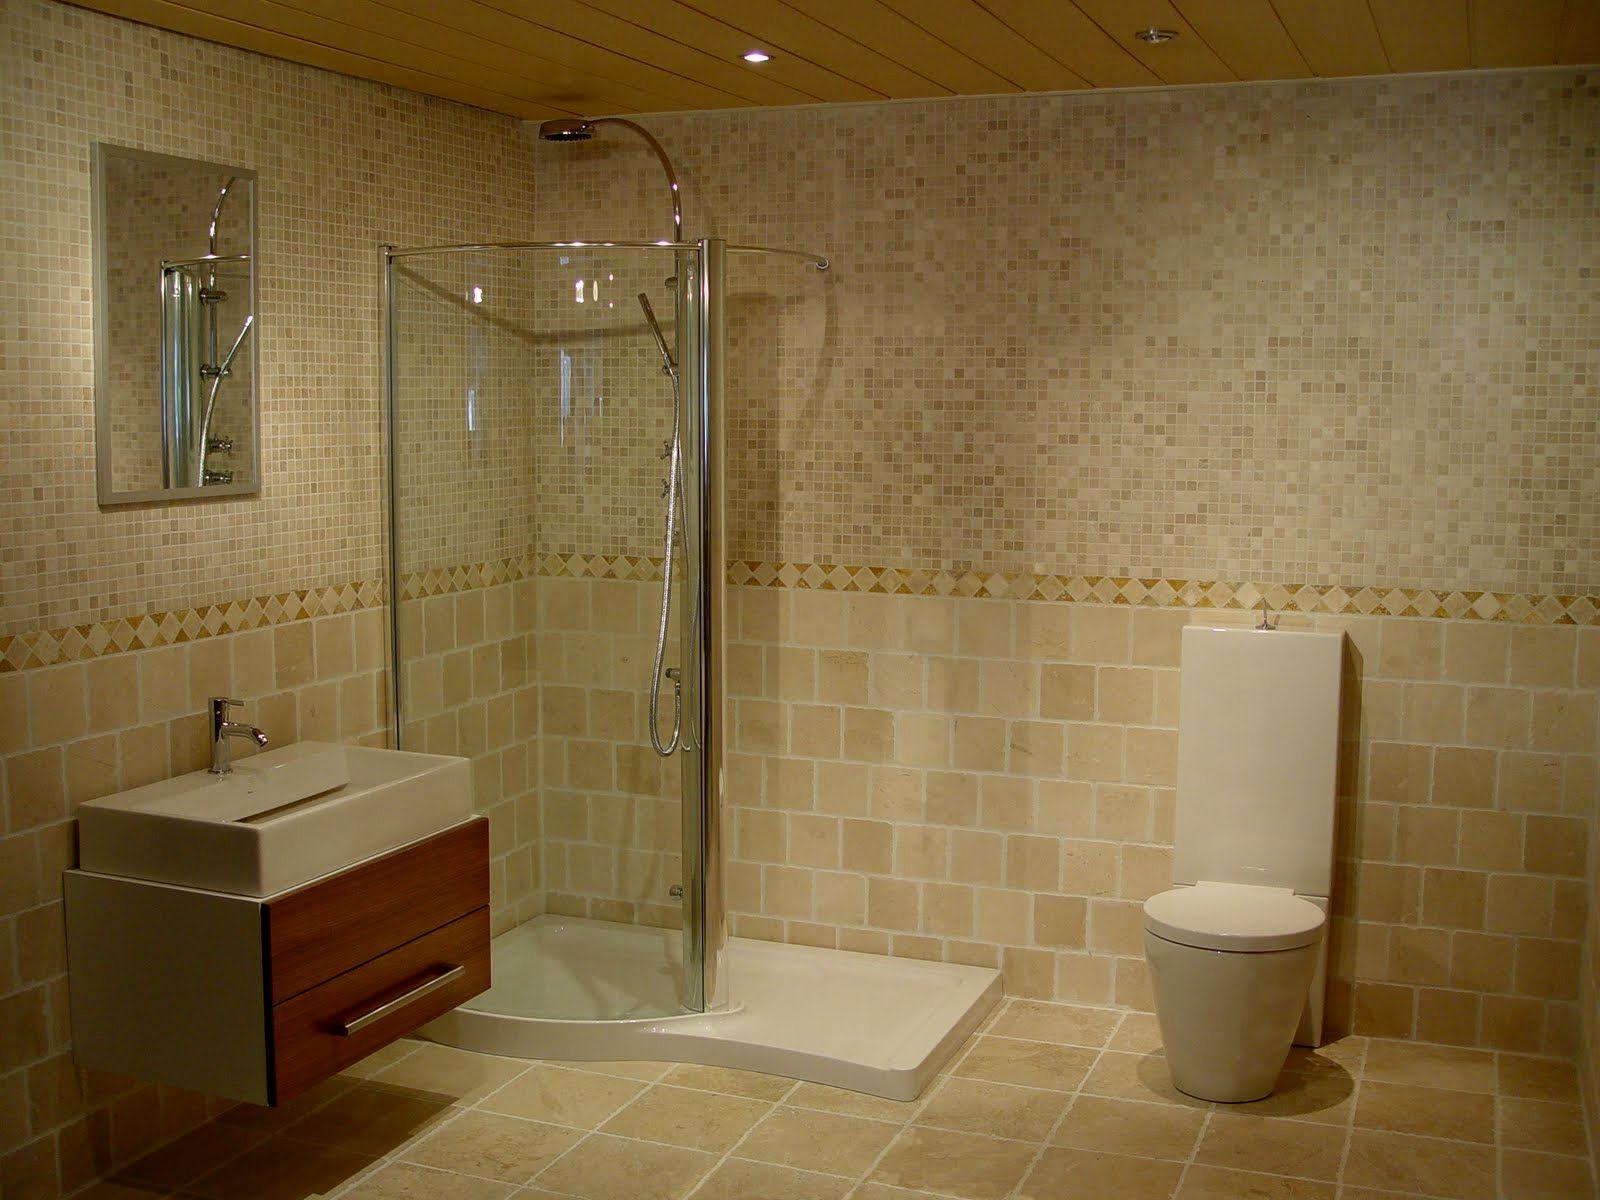 new home depot bathroom vanities with tops architecture-Cool Home Depot Bathroom Vanities with tops Photo